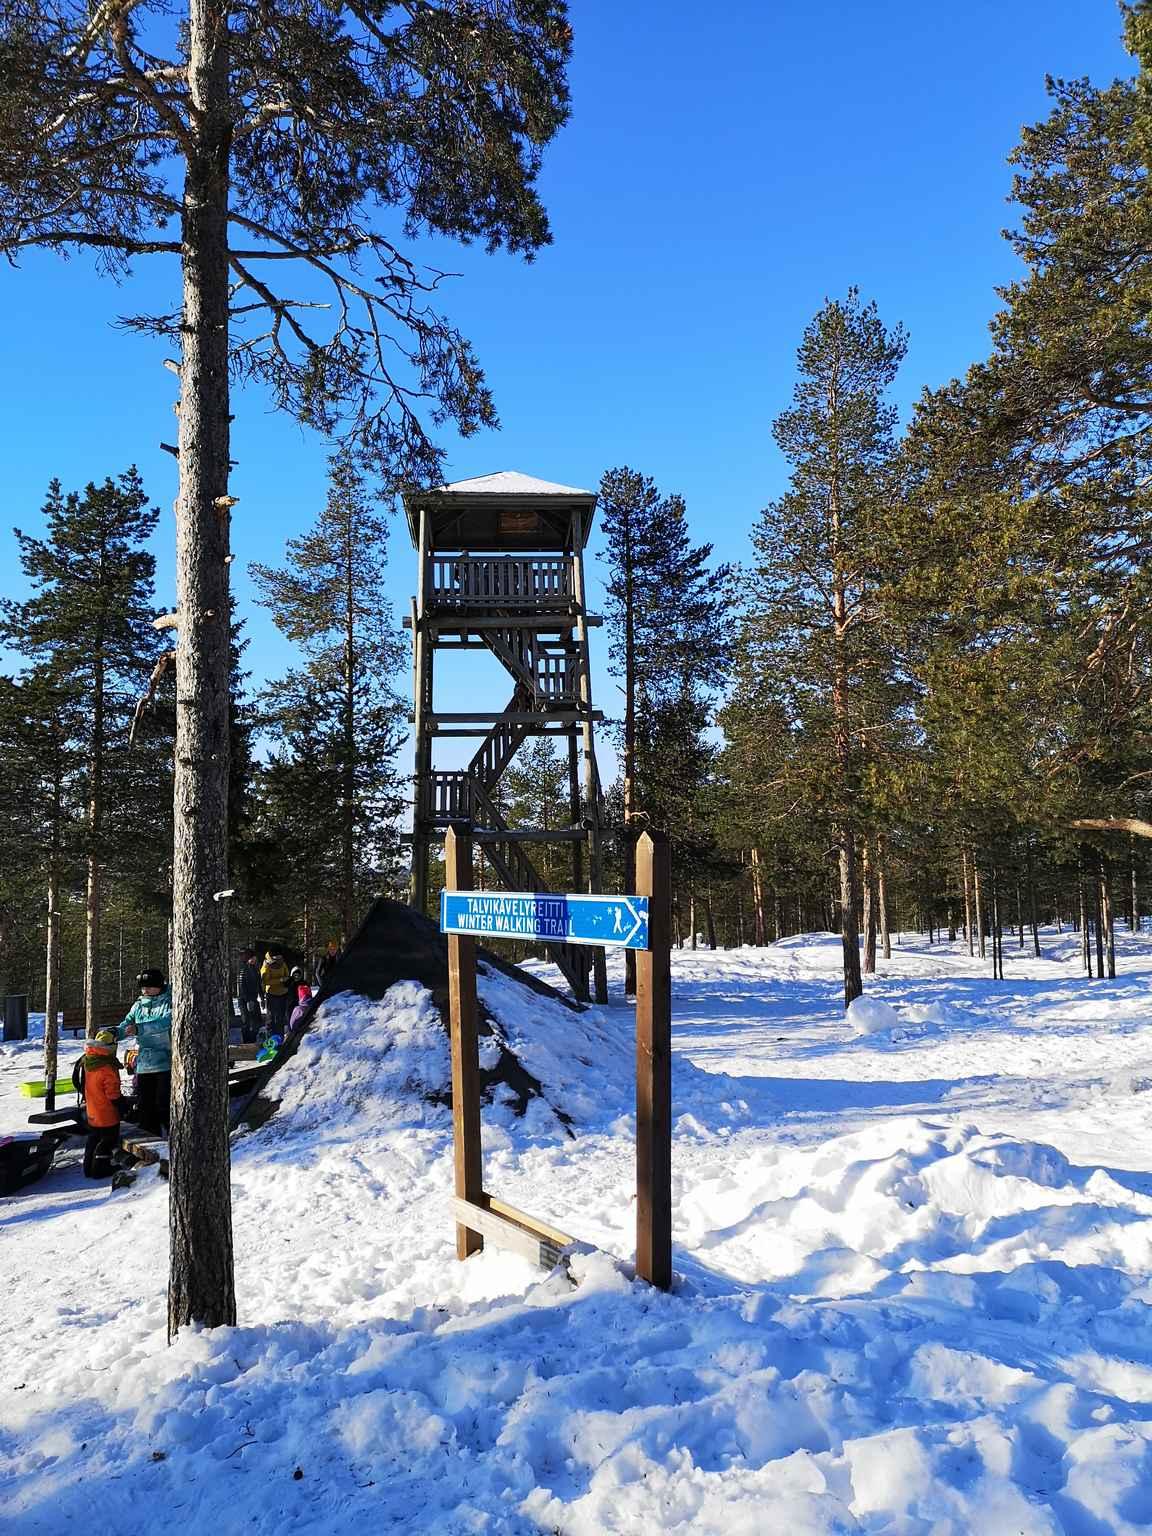 Ounasvaaran näkötorni ja laavu ovat suositun talvikävelyreitin varrella.